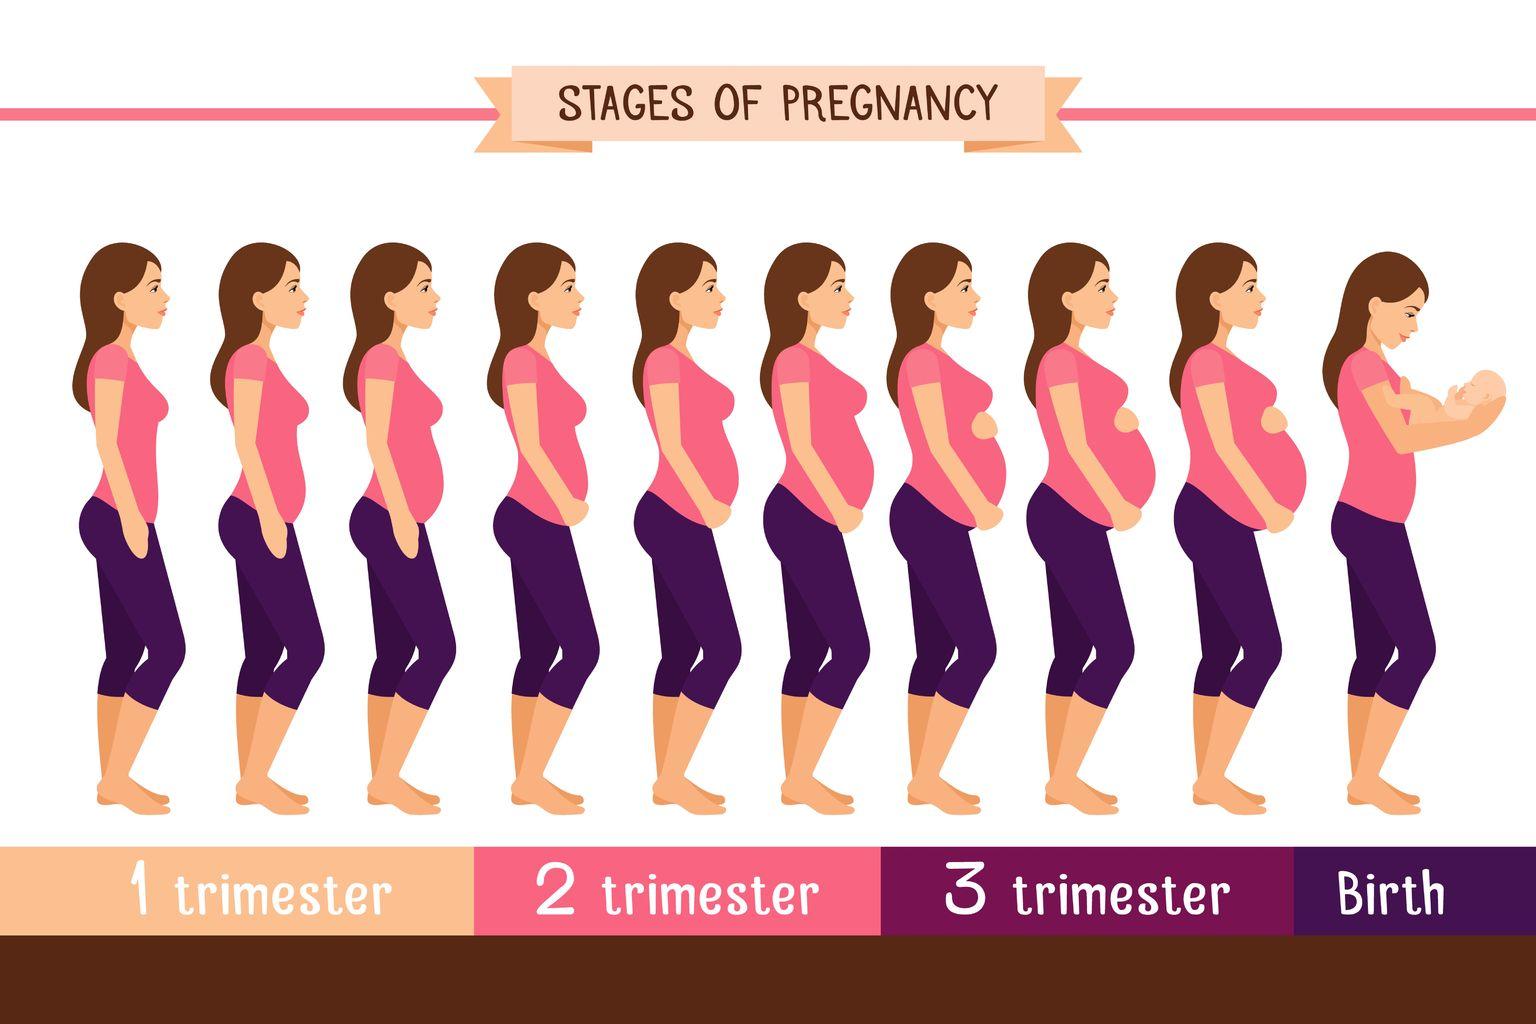 حاسبة الحمل تعرفي على عمر جنينك بالحسابات الدقيقة